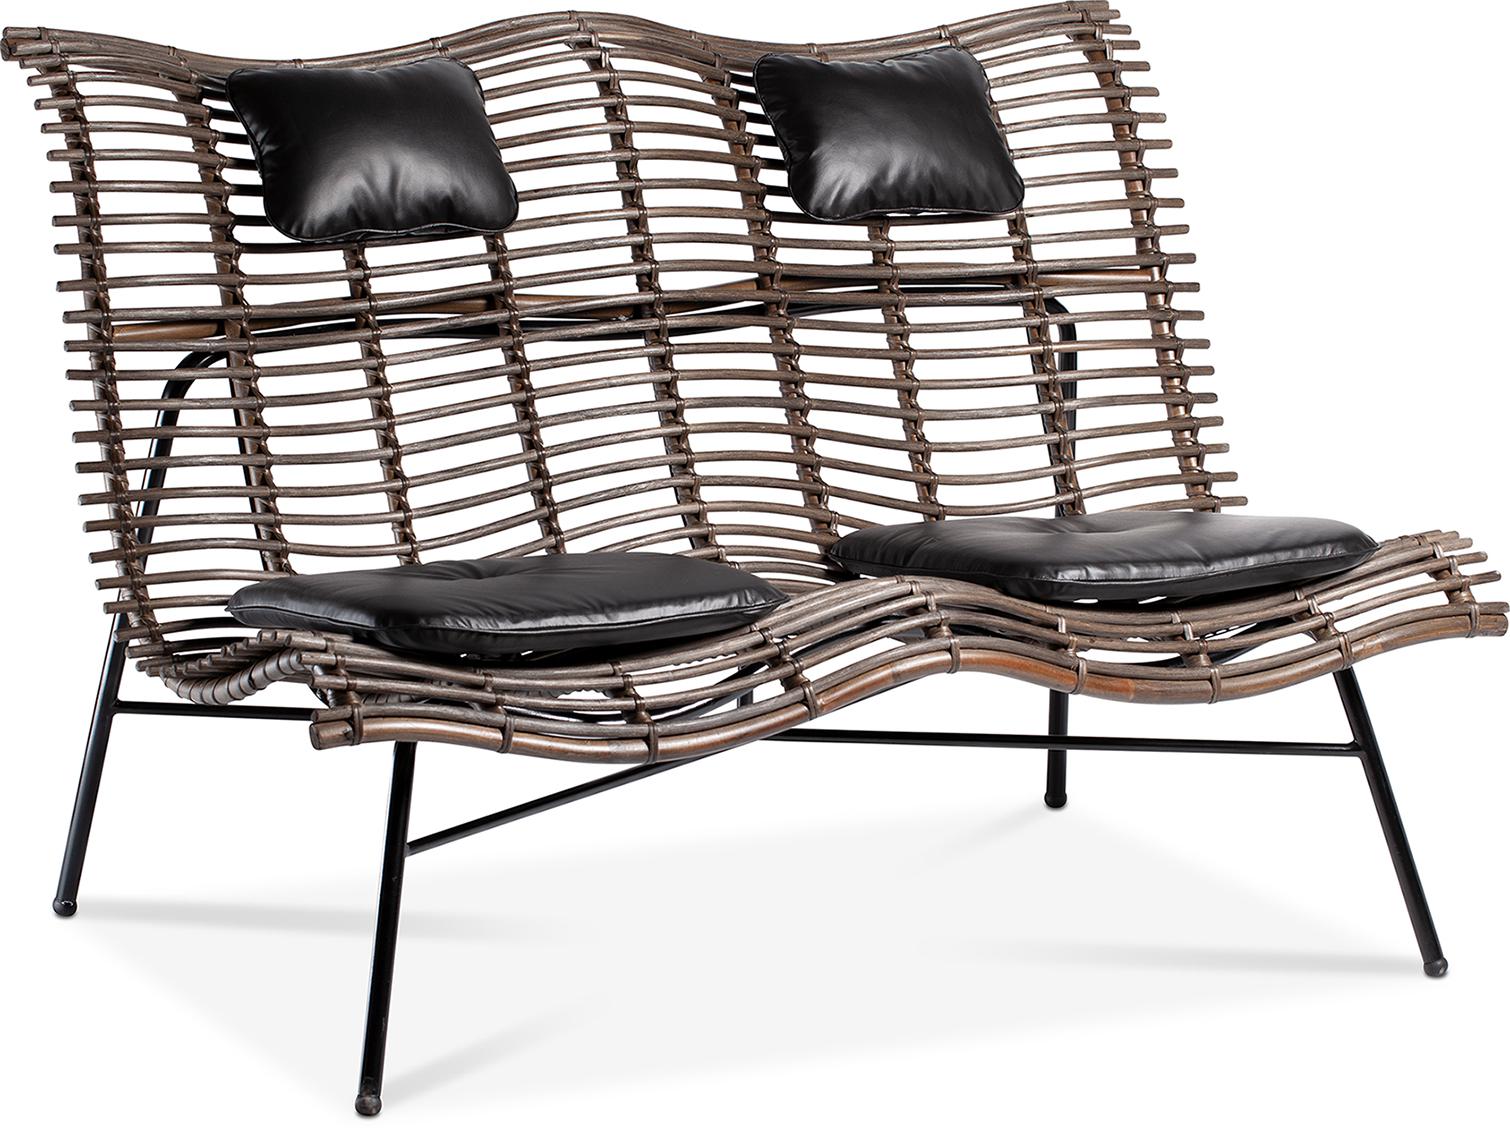 Rge wave 2 pers. sofa - brun/sort rattan/kunstlæder fra rge fra boboonline.dk